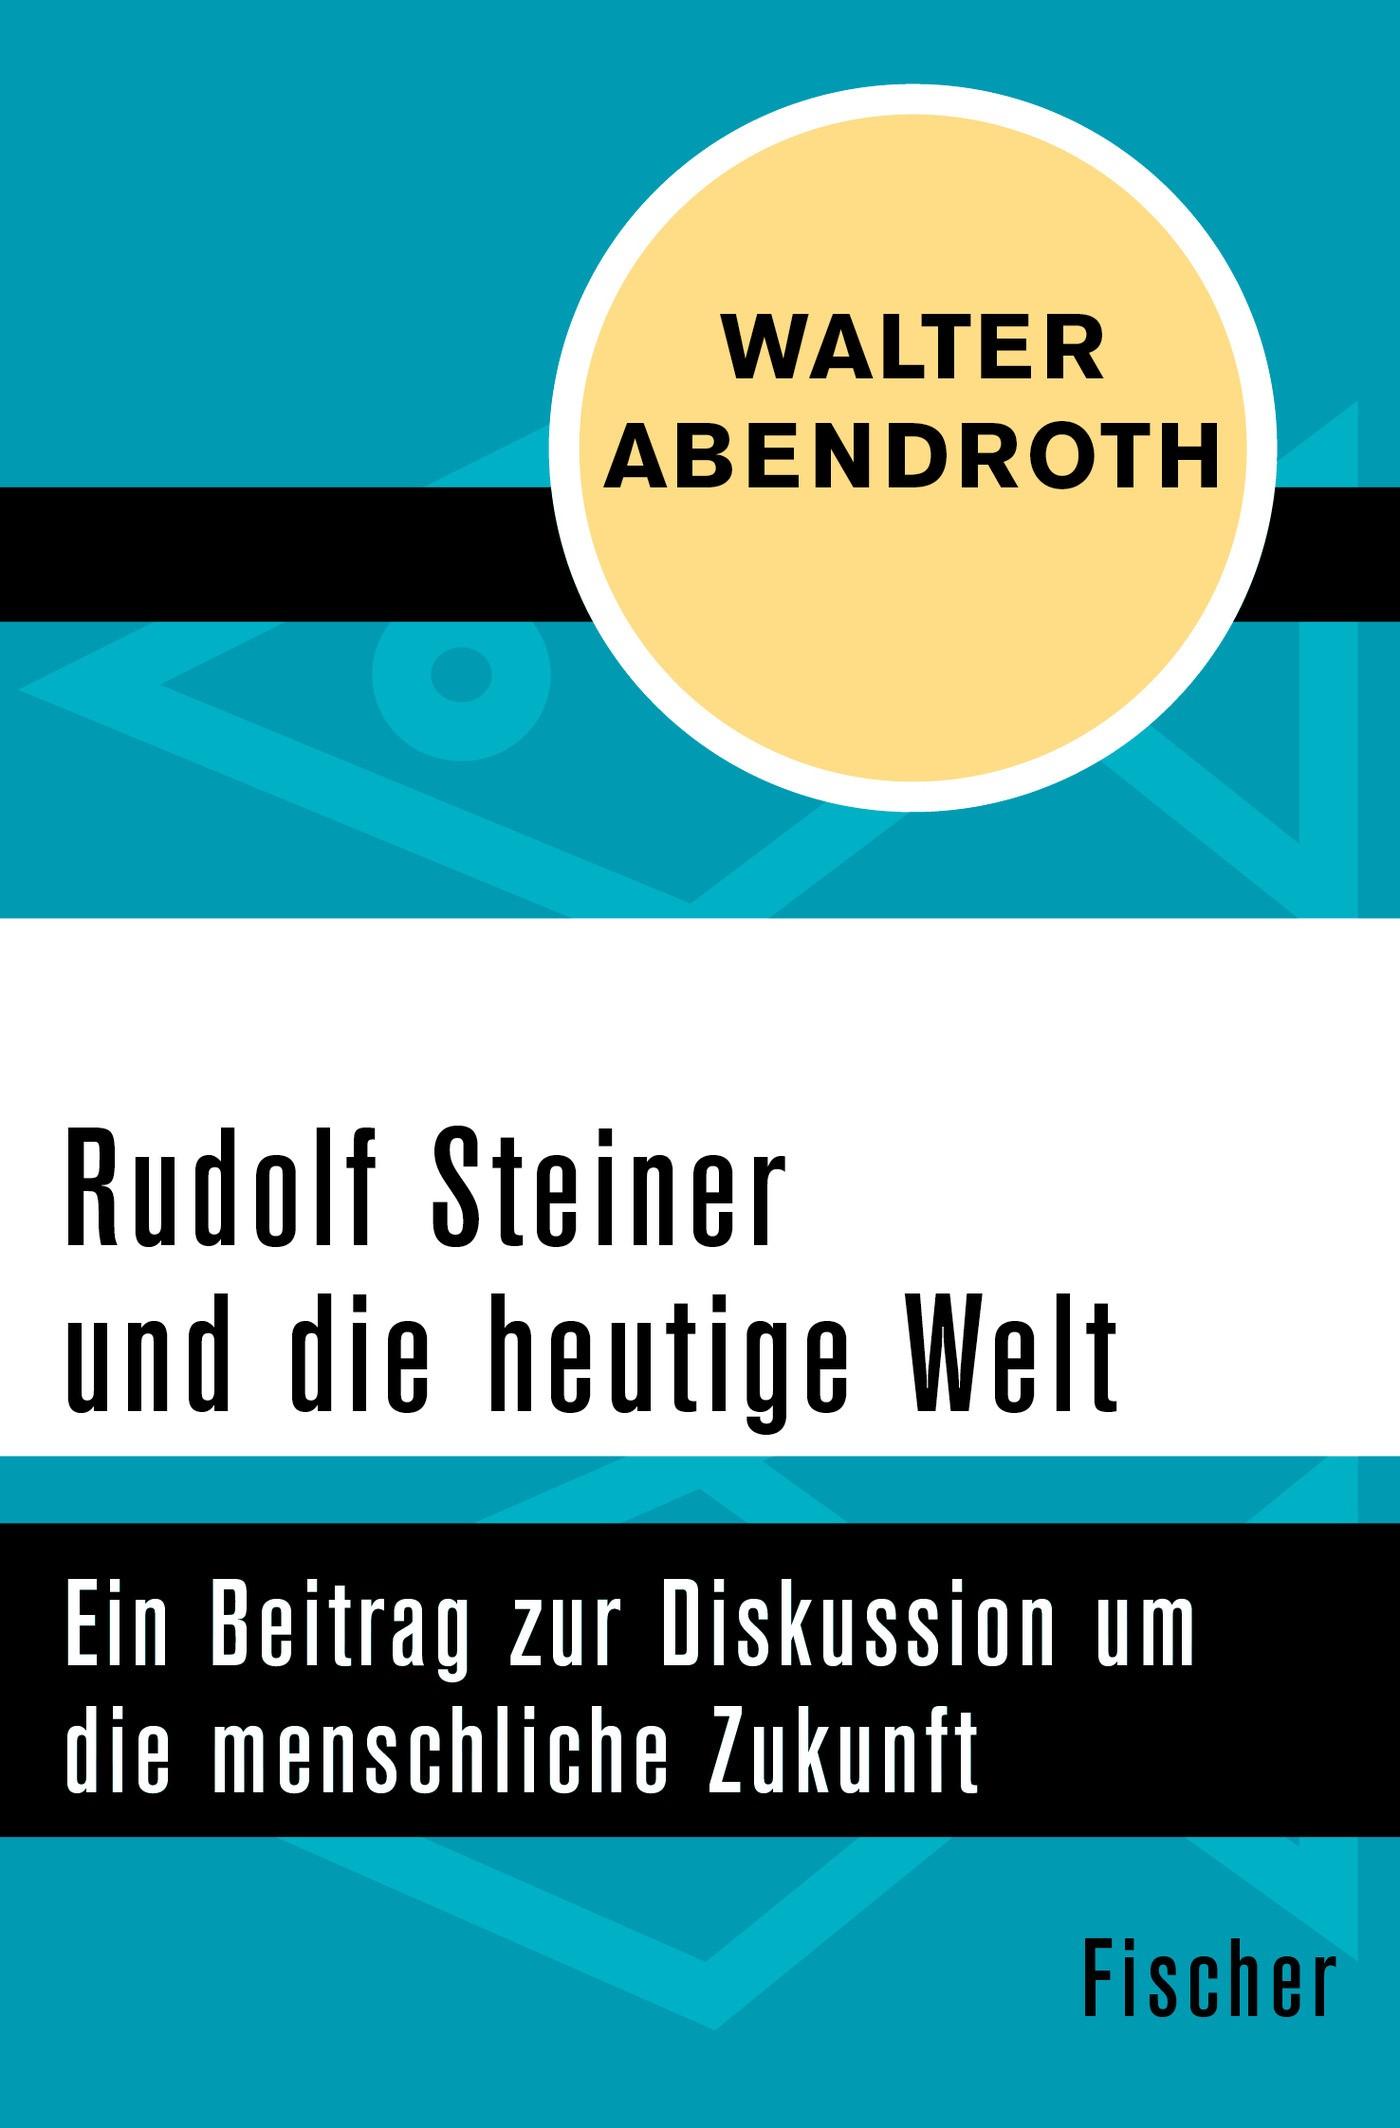 Rudolf Steiner und die heutige Welt | Abendroth, 2016 | Buch (Cover)